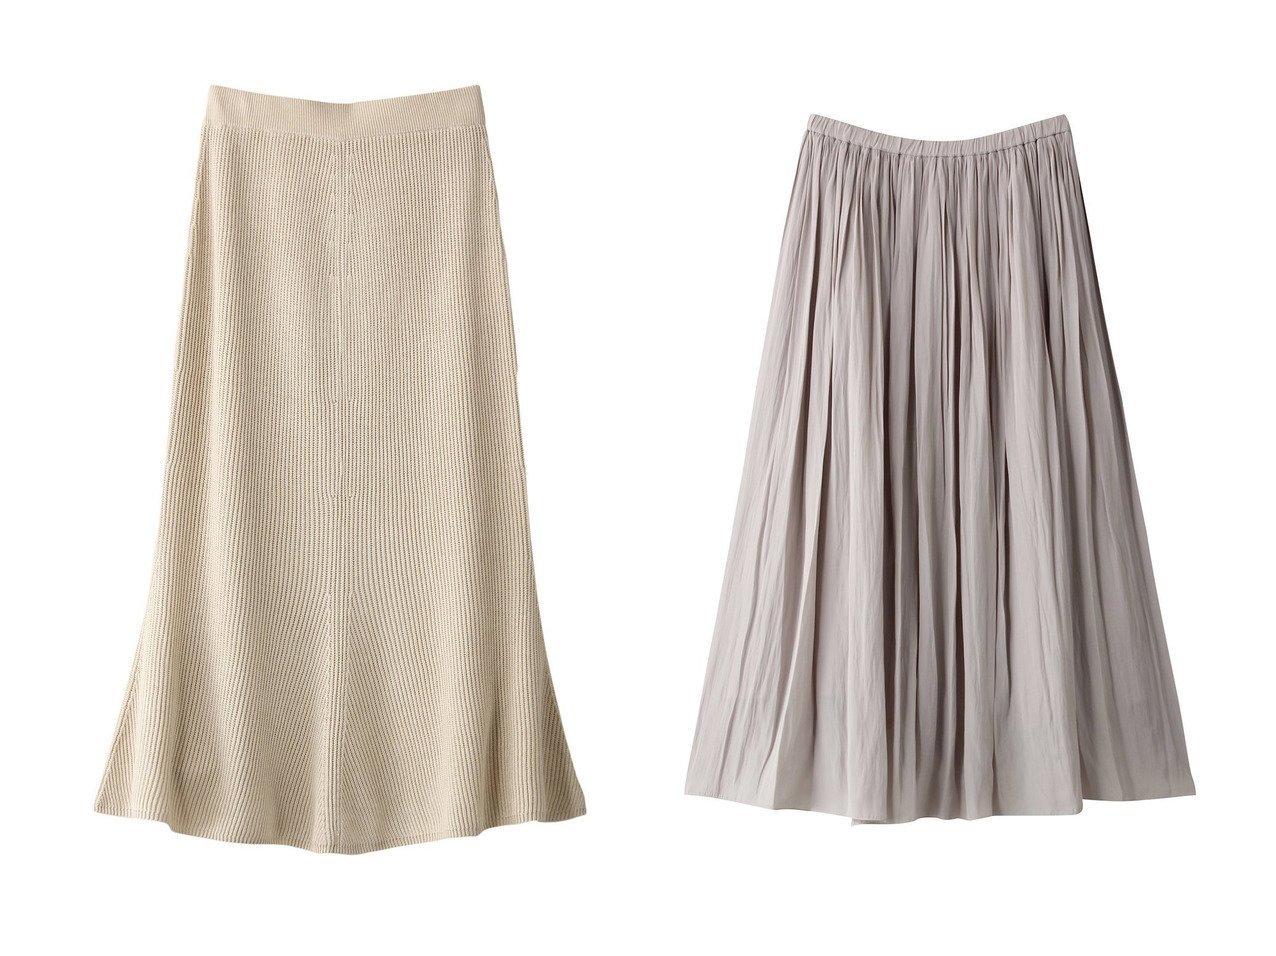 【Whim Gazette/ウィムガゼット】のデシンギャザースカート&【GEMINI】フレアスカート スカートのおすすめ!人気、トレンド・レディースファッションの通販 おすすめで人気の流行・トレンド、ファッションの通販商品 メンズファッション・キッズファッション・インテリア・家具・レディースファッション・服の通販 founy(ファニー) https://founy.com/ ファッション Fashion レディースファッション WOMEN スカート Skirt ロングスカート Long Skirt Aライン/フレアスカート Flared A-Line Skirts 2021年 2021 2021 春夏 S/S SS Spring/Summer 2021 S/S 春夏 SS Spring/Summer エアリー シンプル フレア ロング 春 Spring |ID:crp329100000023899